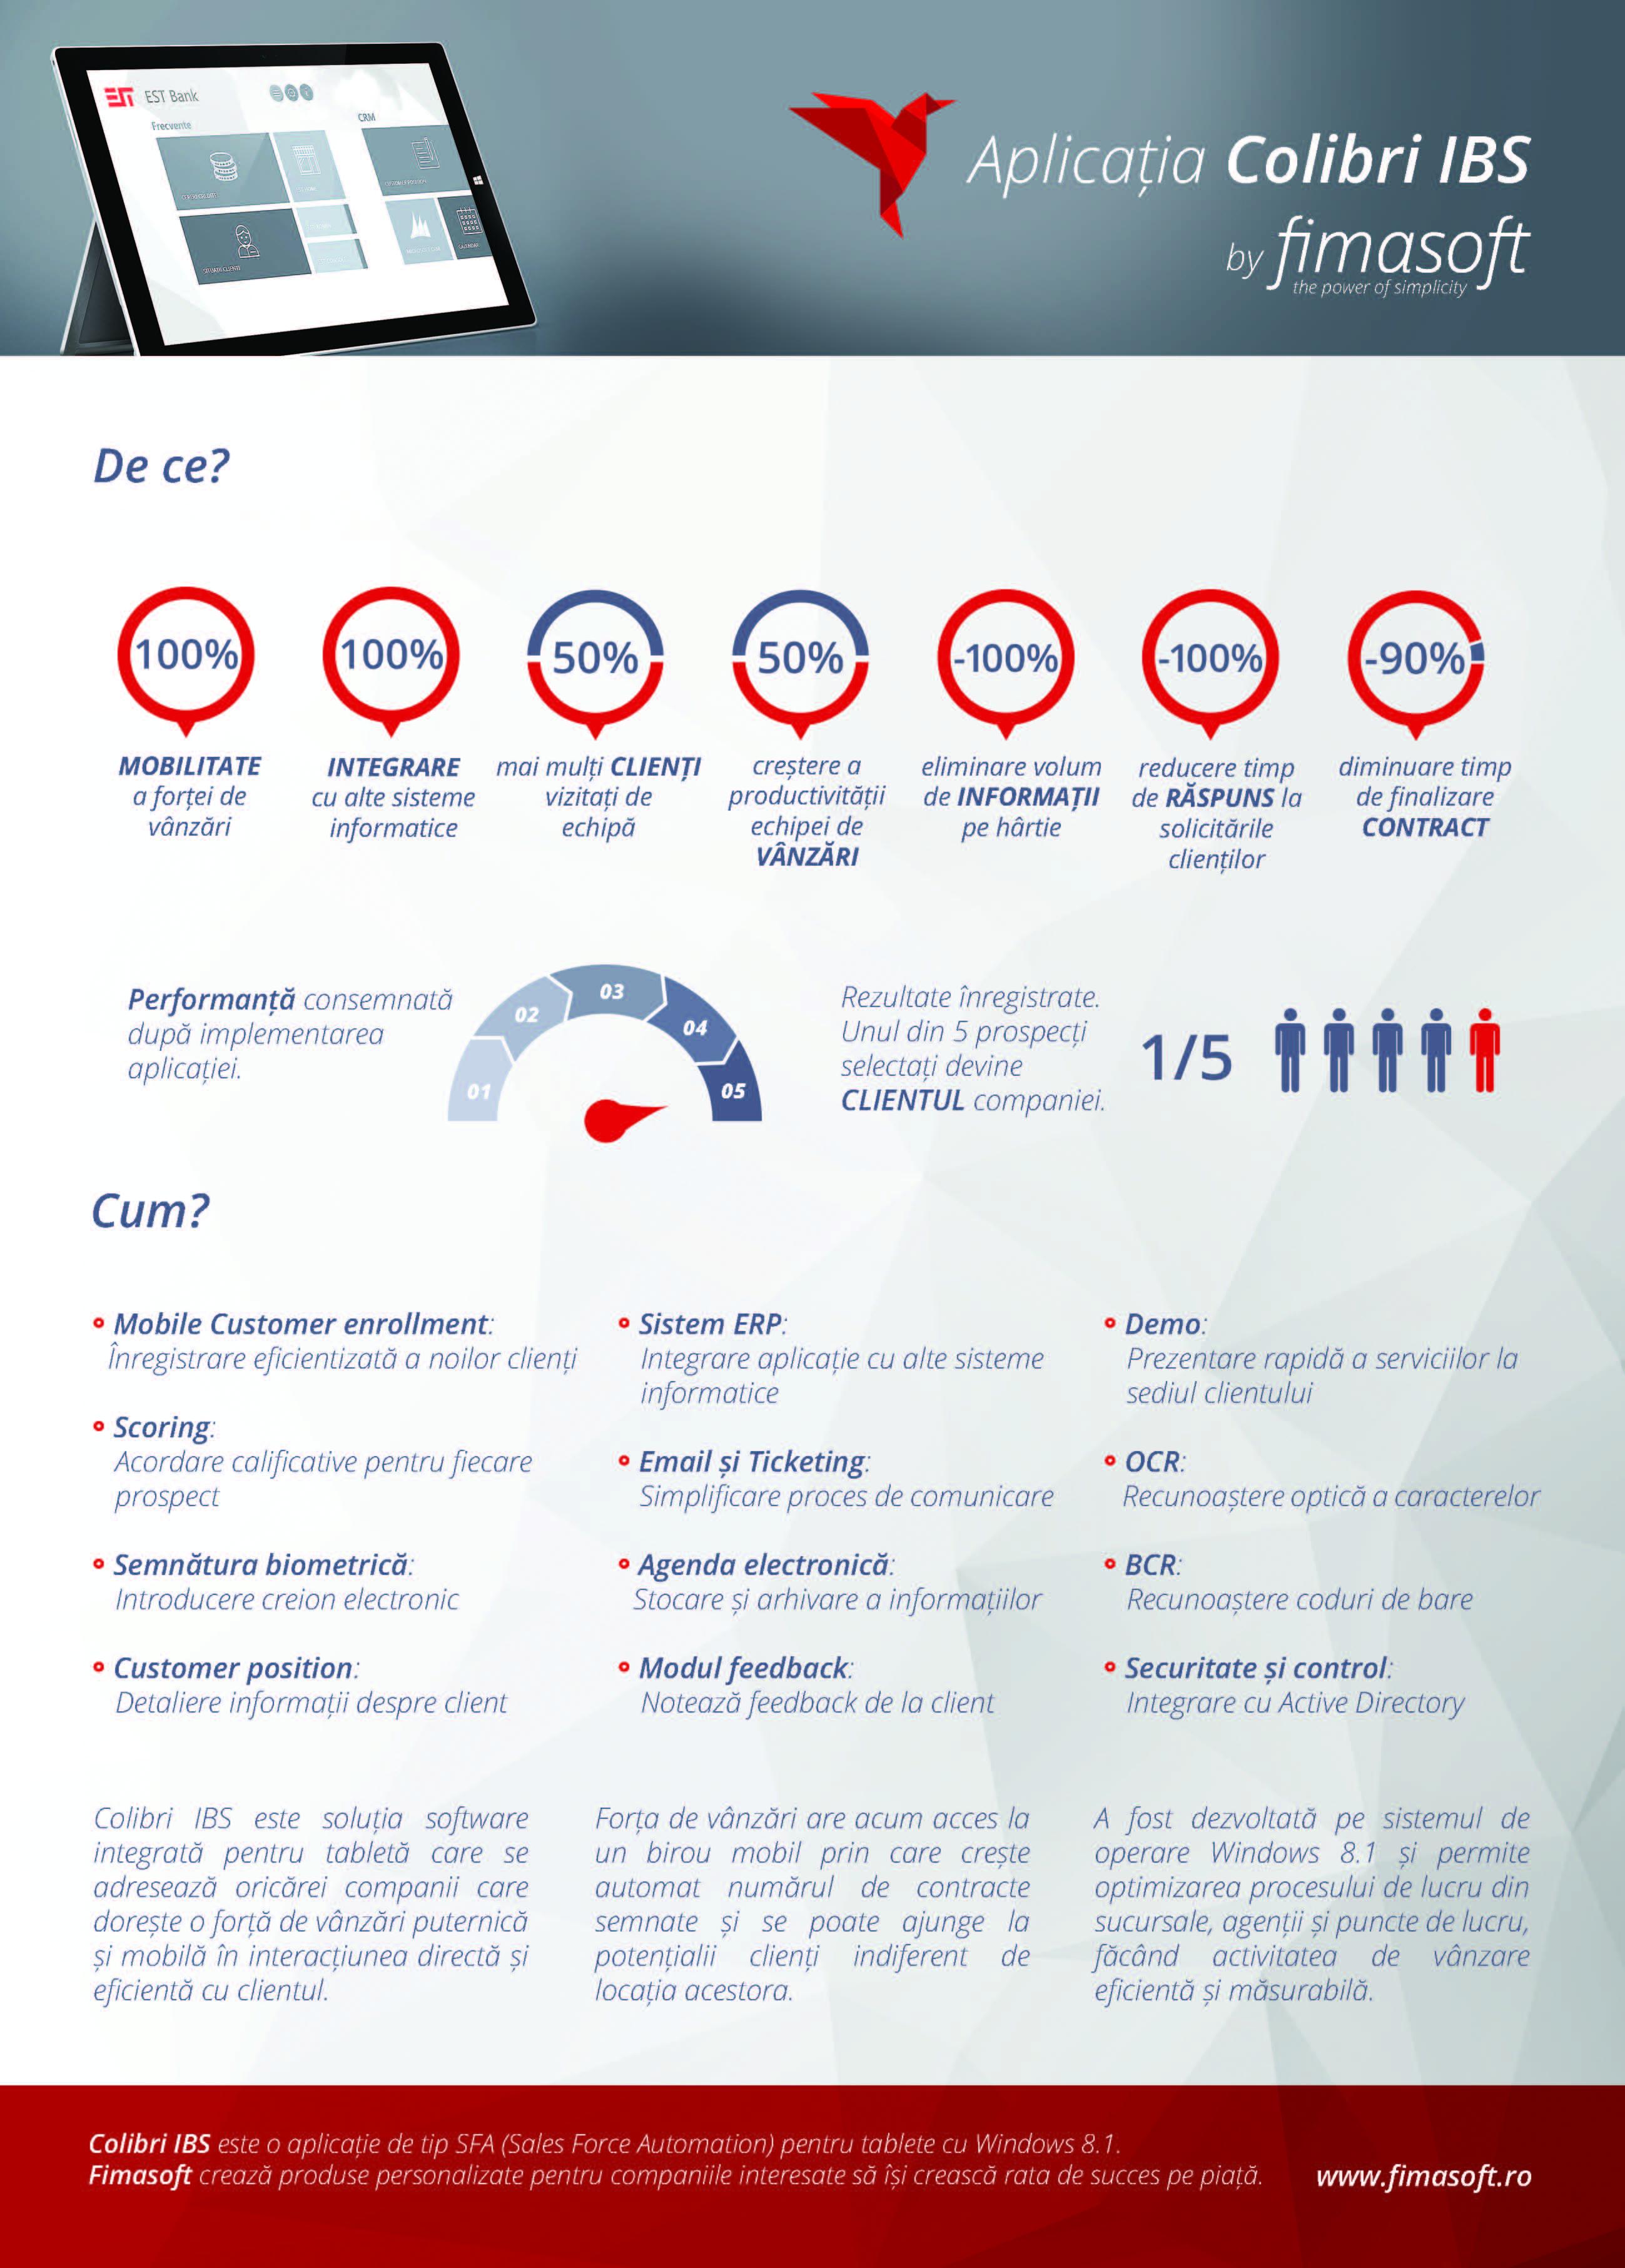 Aplicatia Colibri IBS by fimasoft